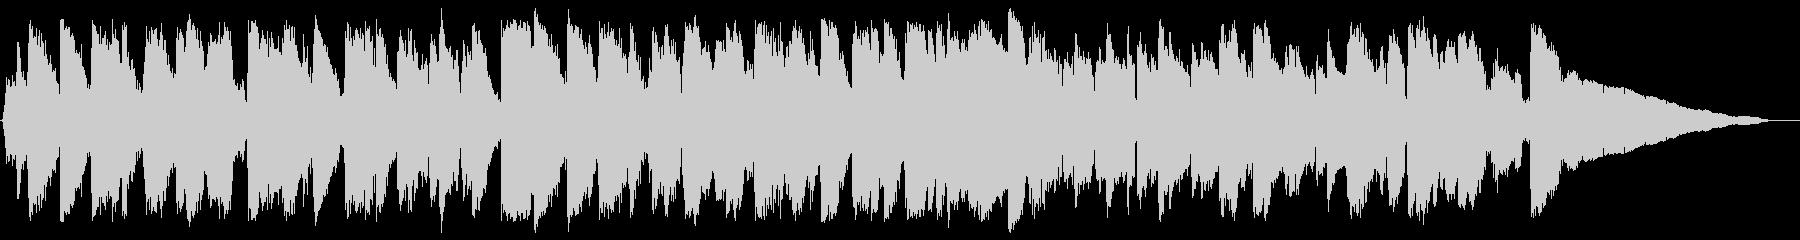 ドイツスタイルの「Oom-Pa」イ...の未再生の波形